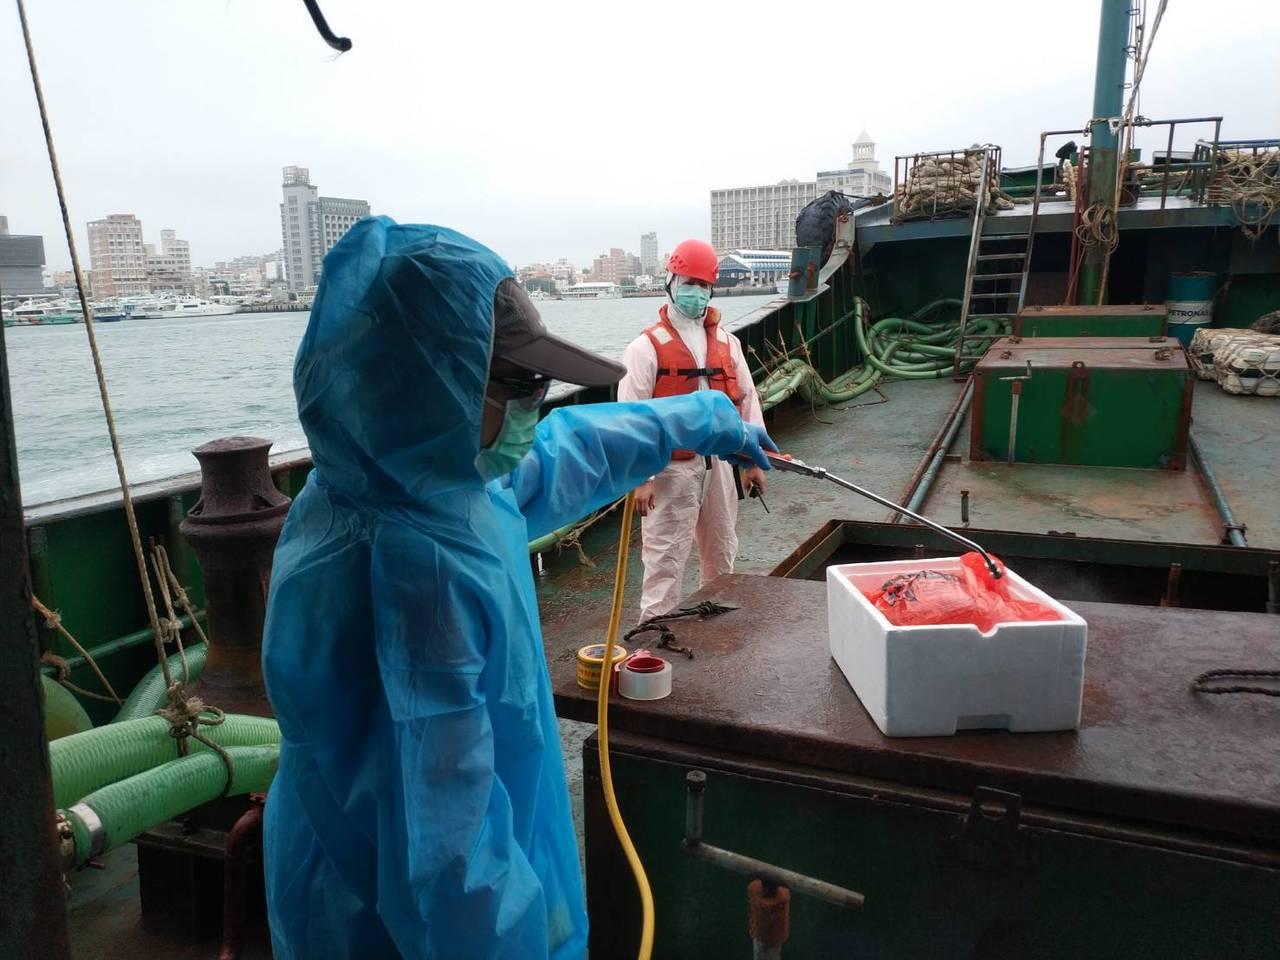 澎湖海巡隊查扣越界陸船「永興8號」,船上有10公斤豬肉。圖/澎湖海巡隊提供